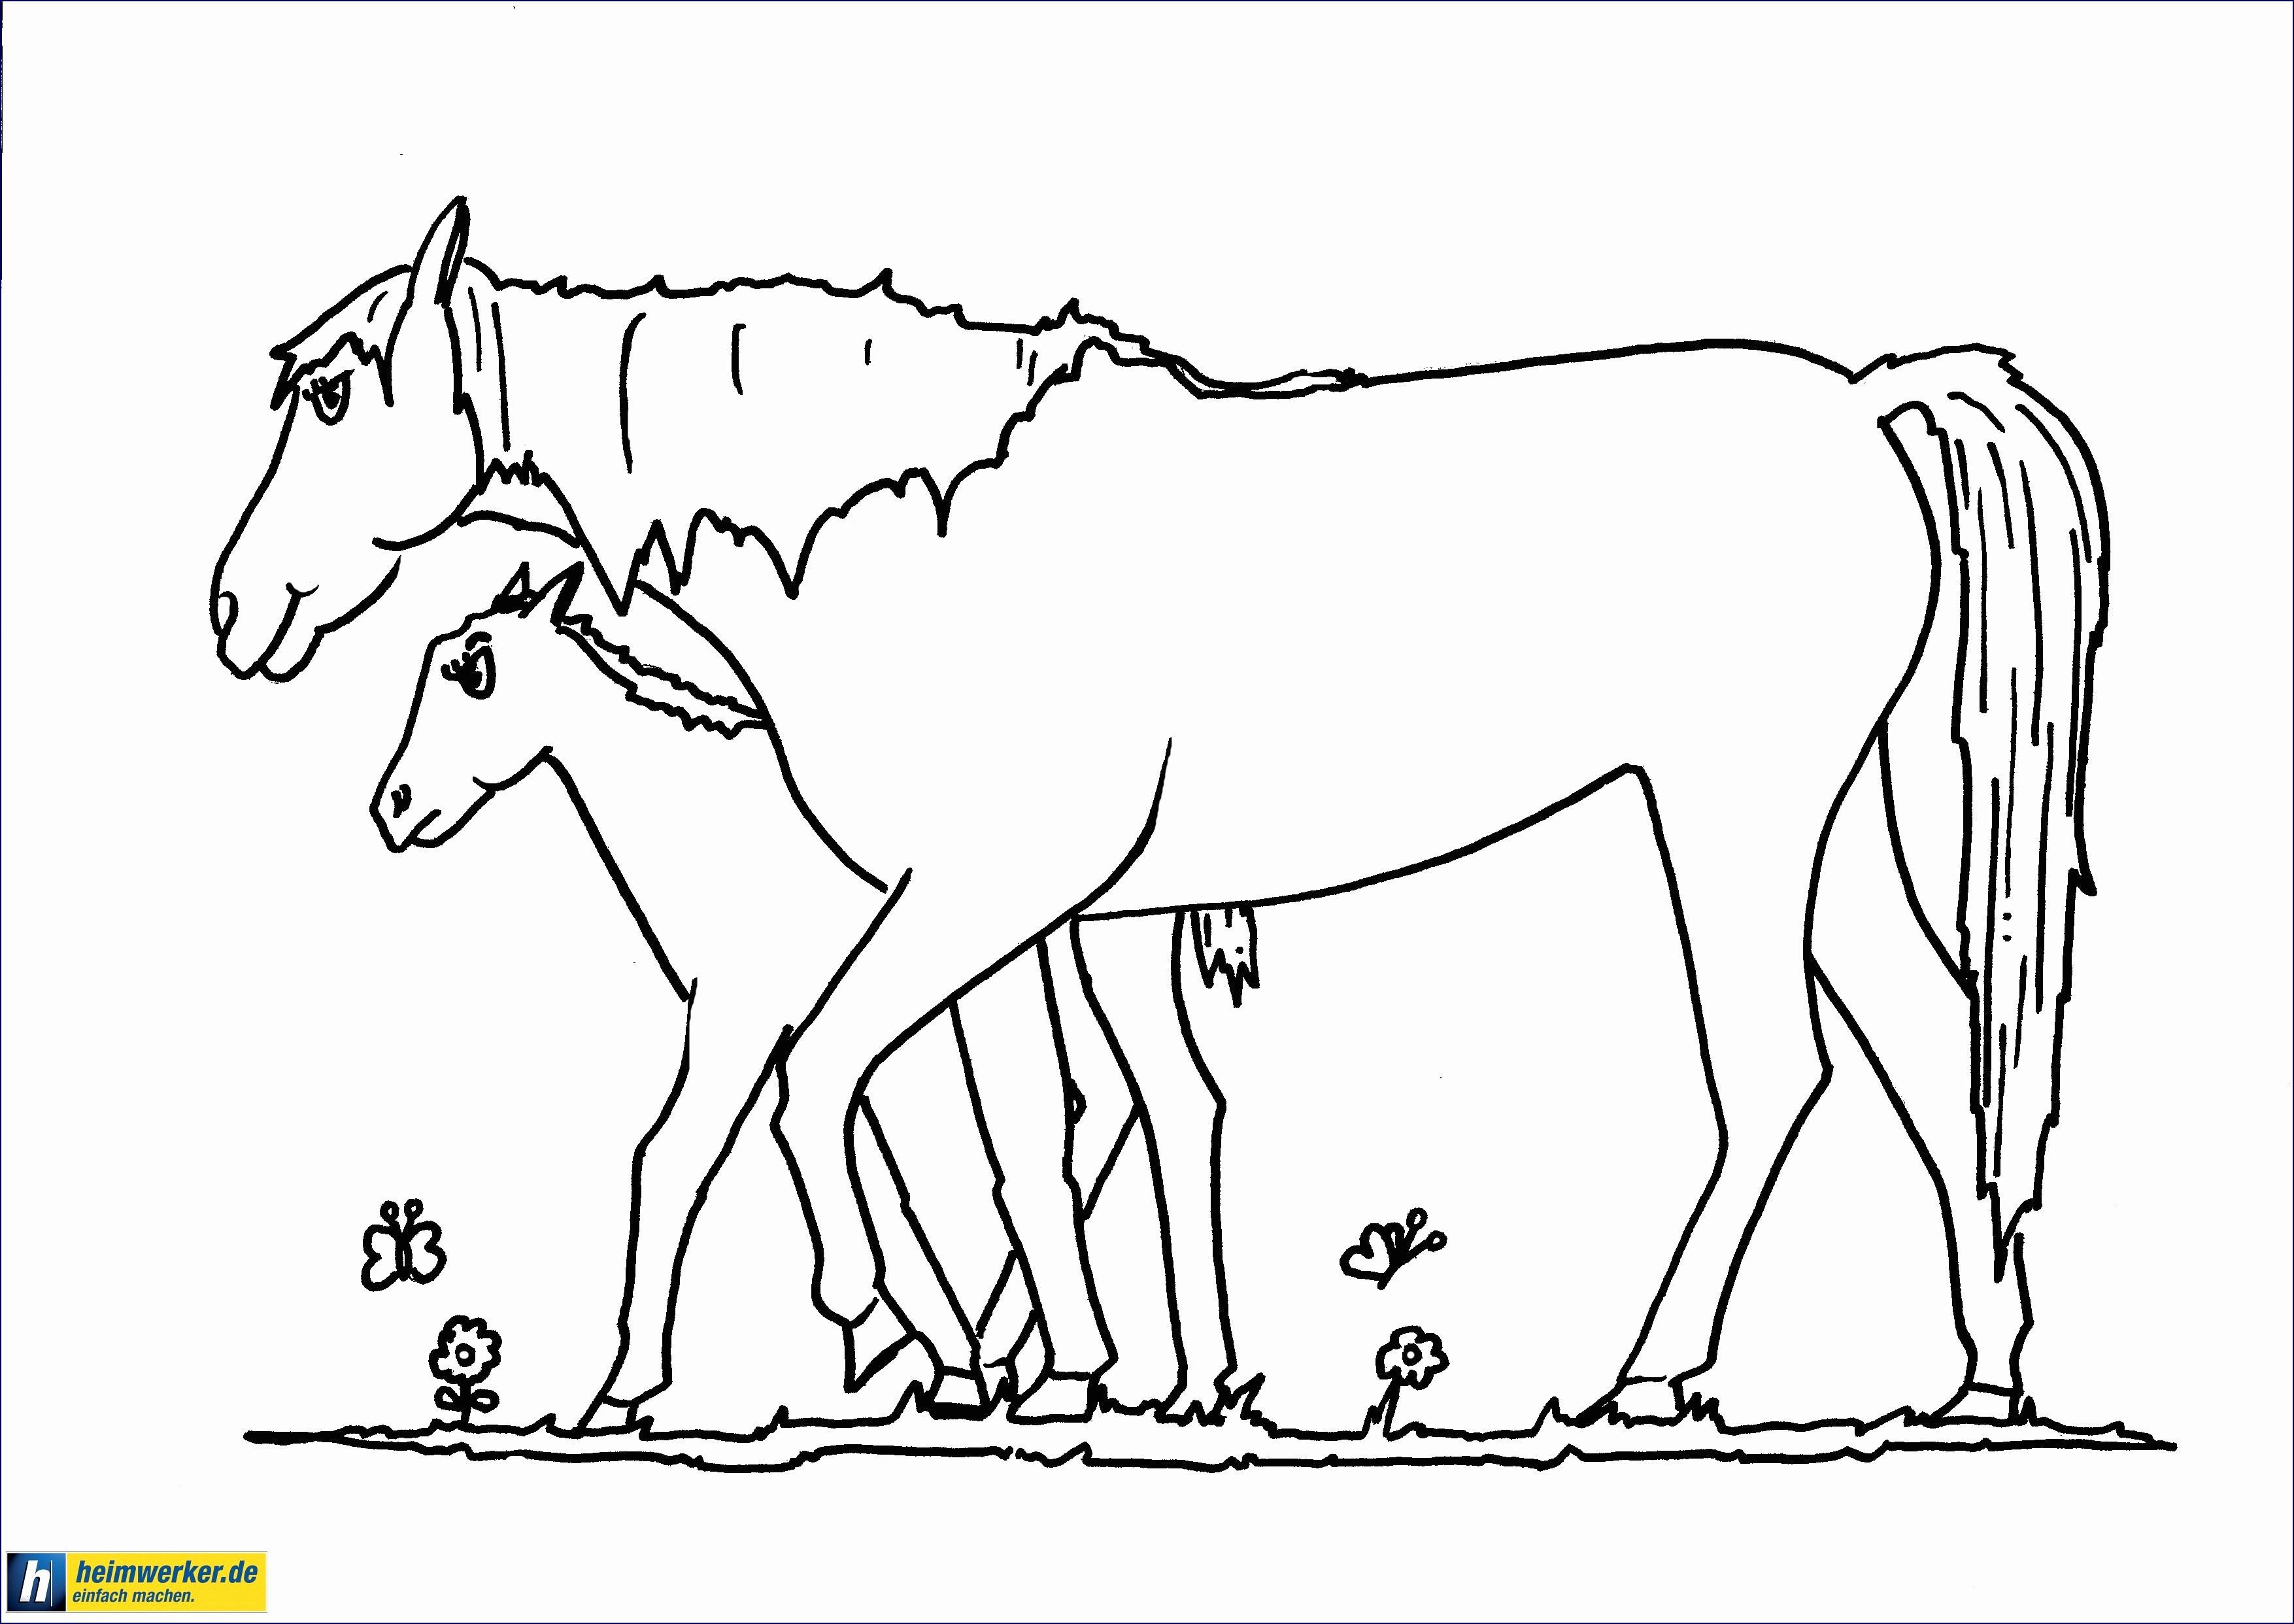 Ausmalbilder Pferde Zum Ausdrucken Kostenlos Inspirierend Bayern Ausmalbilder Schön Igel Grundschule 0d Archives Genial Galerie